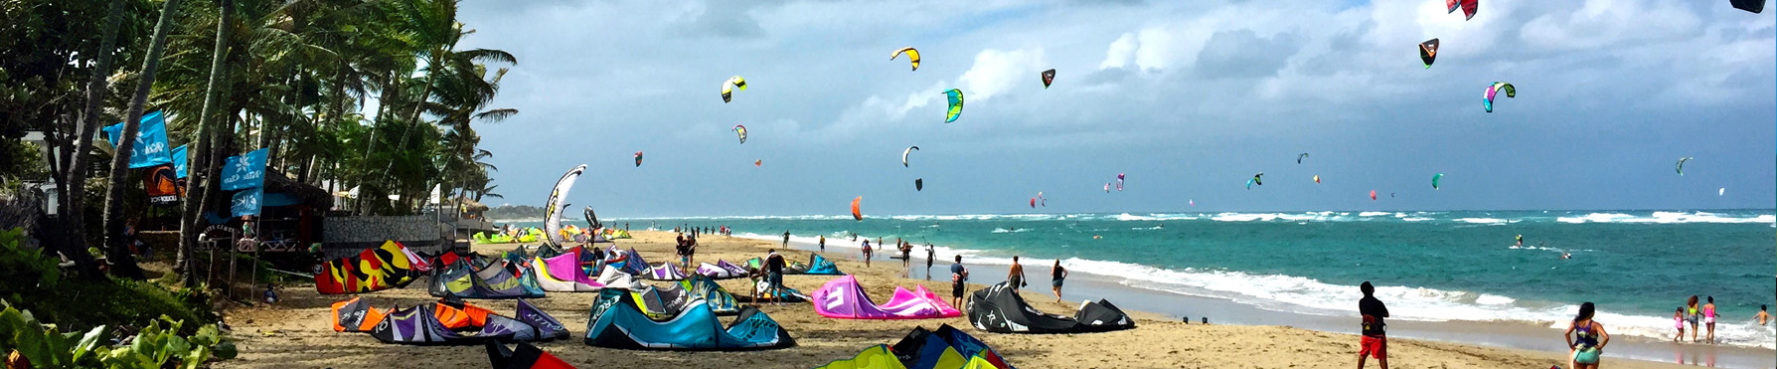 cabarete-dominikana-kitewyjazdy.pl-kitesurfing